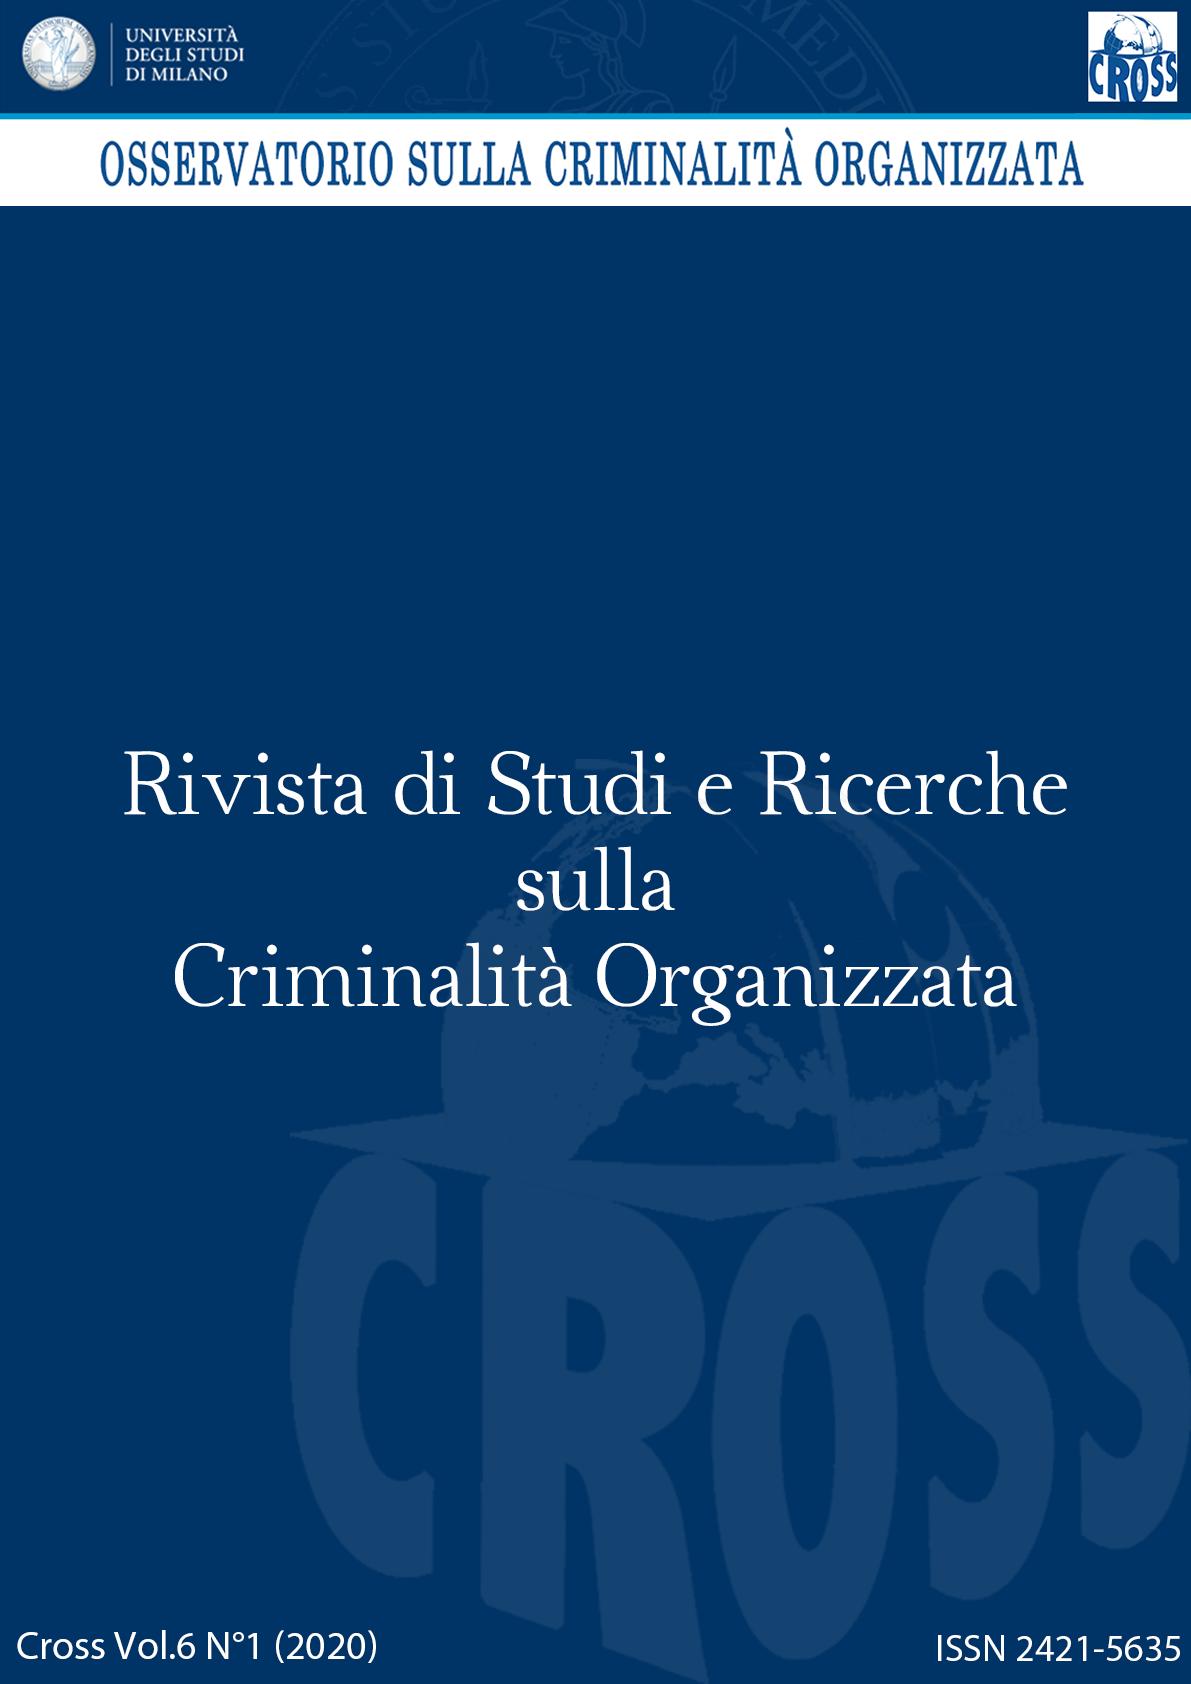 Visualizza V. 6 N. 1 (2020): Rivista di Studi e Ricerche sulla criminalità organizzata